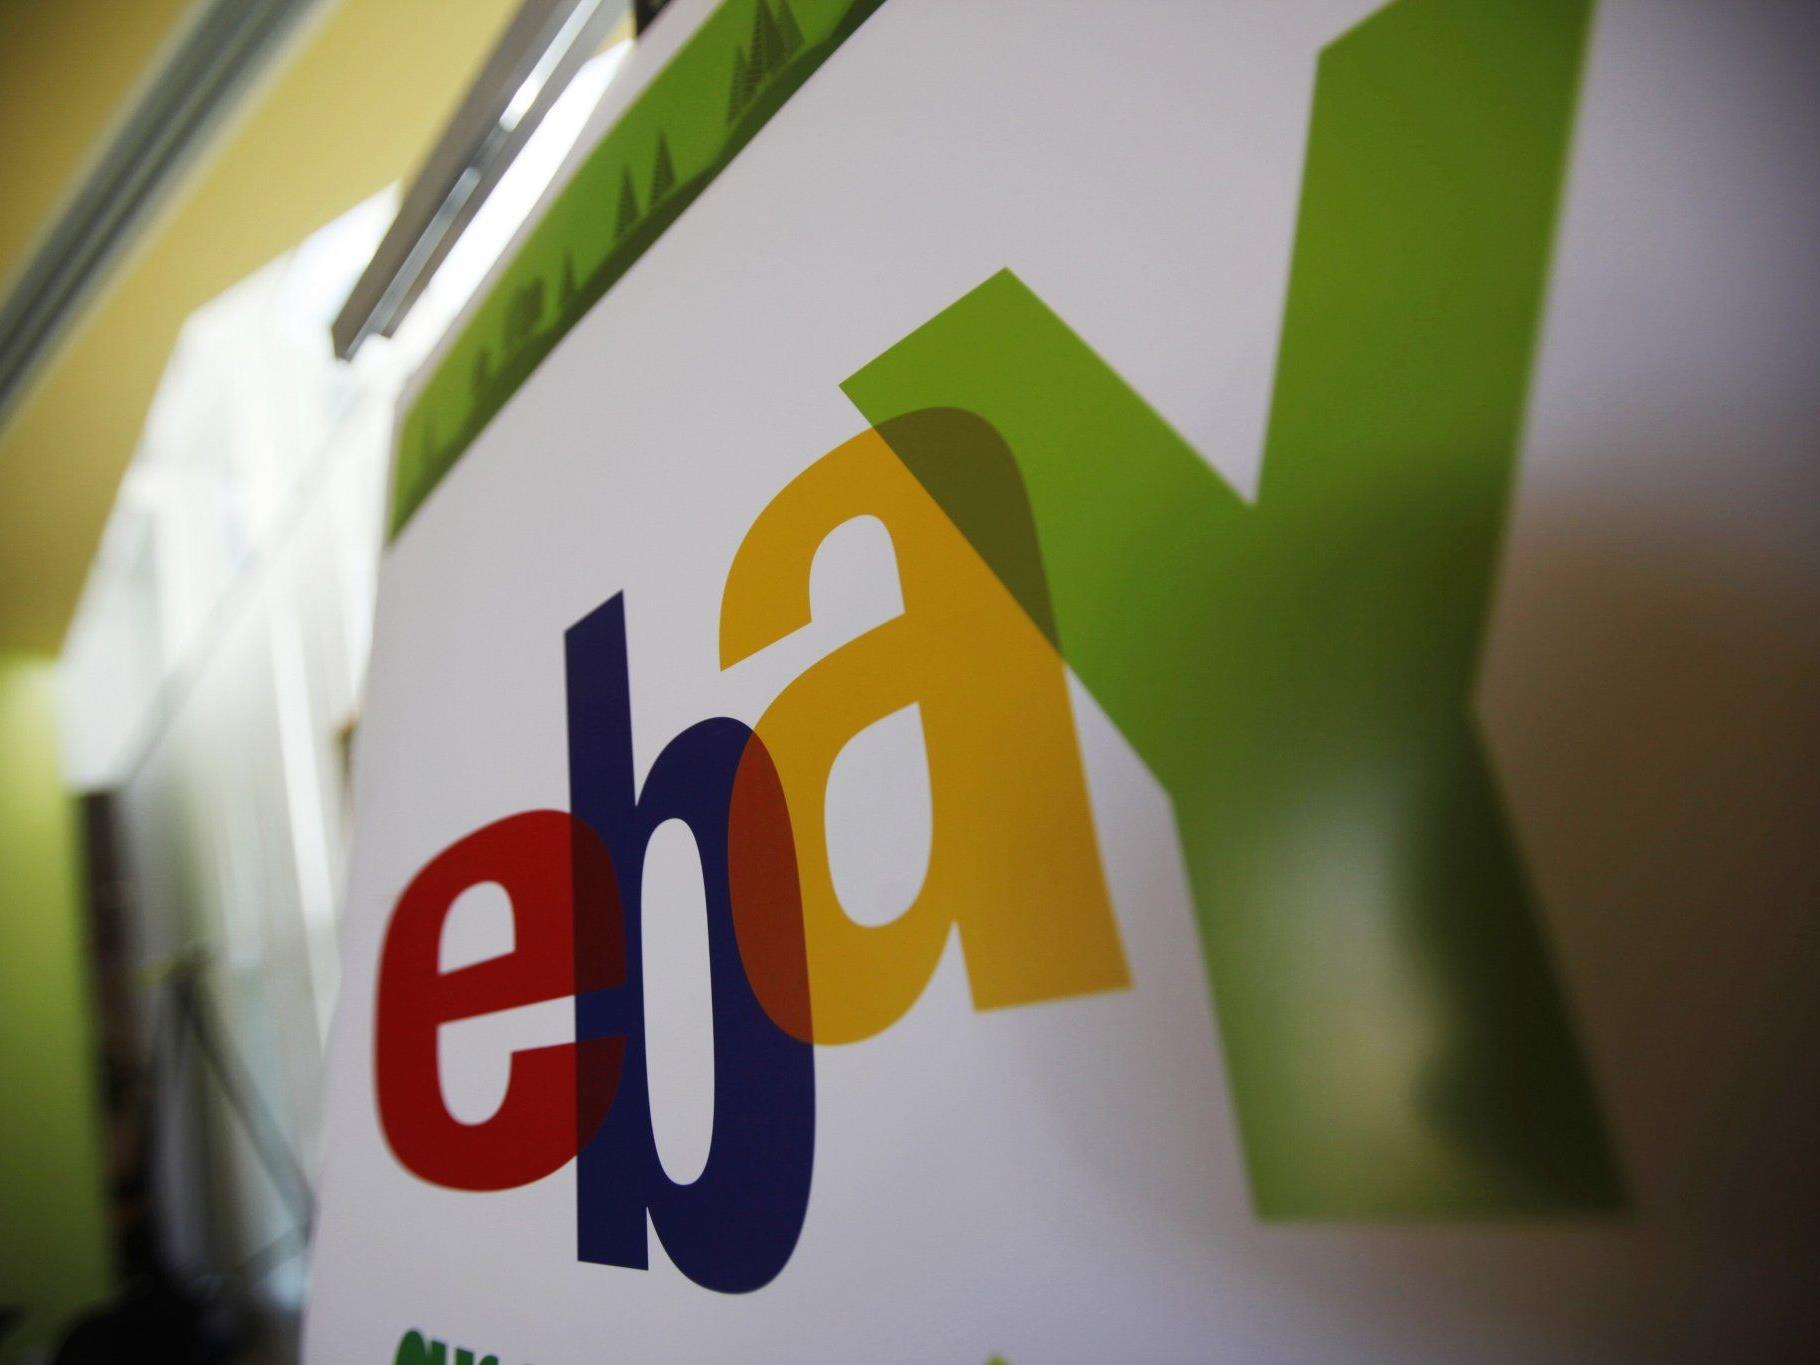 Als Reaktion auf den Tod einer 28-jähriger Italienerin stoppt Ebay den weltweiten Verkauf von Sorbit.